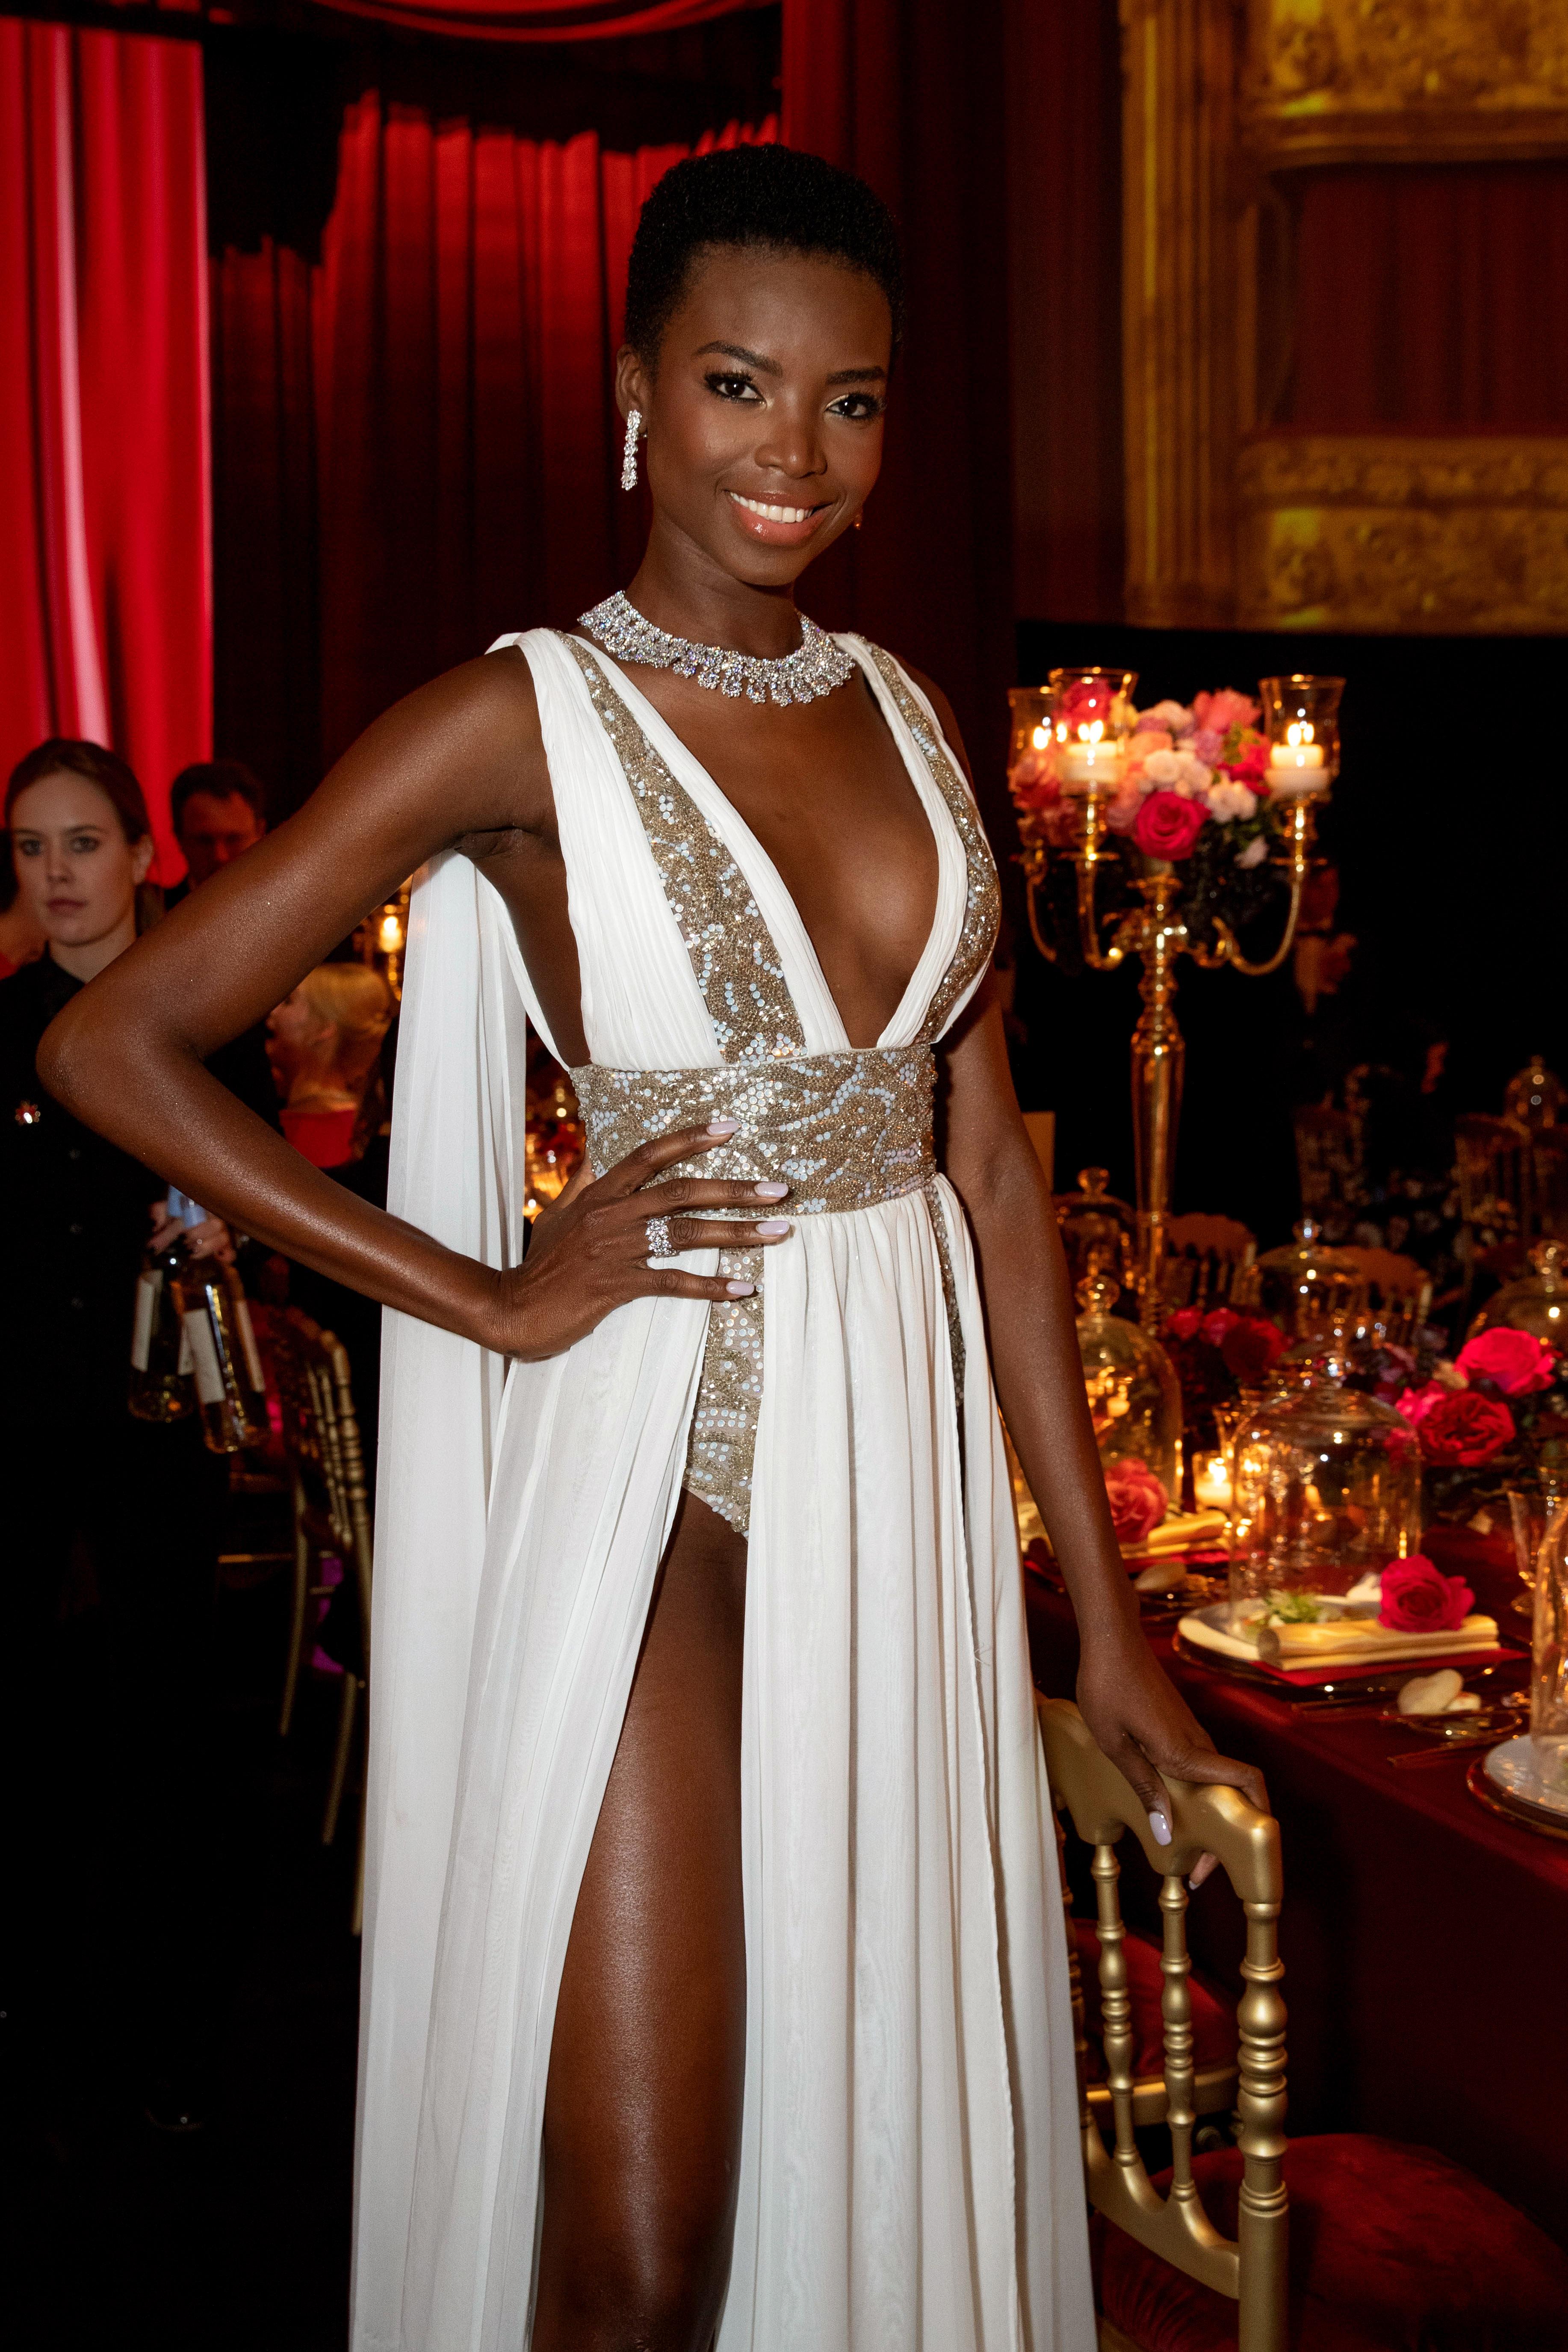 超模Maria Borges一襲白裙與鑽飾互相輝映